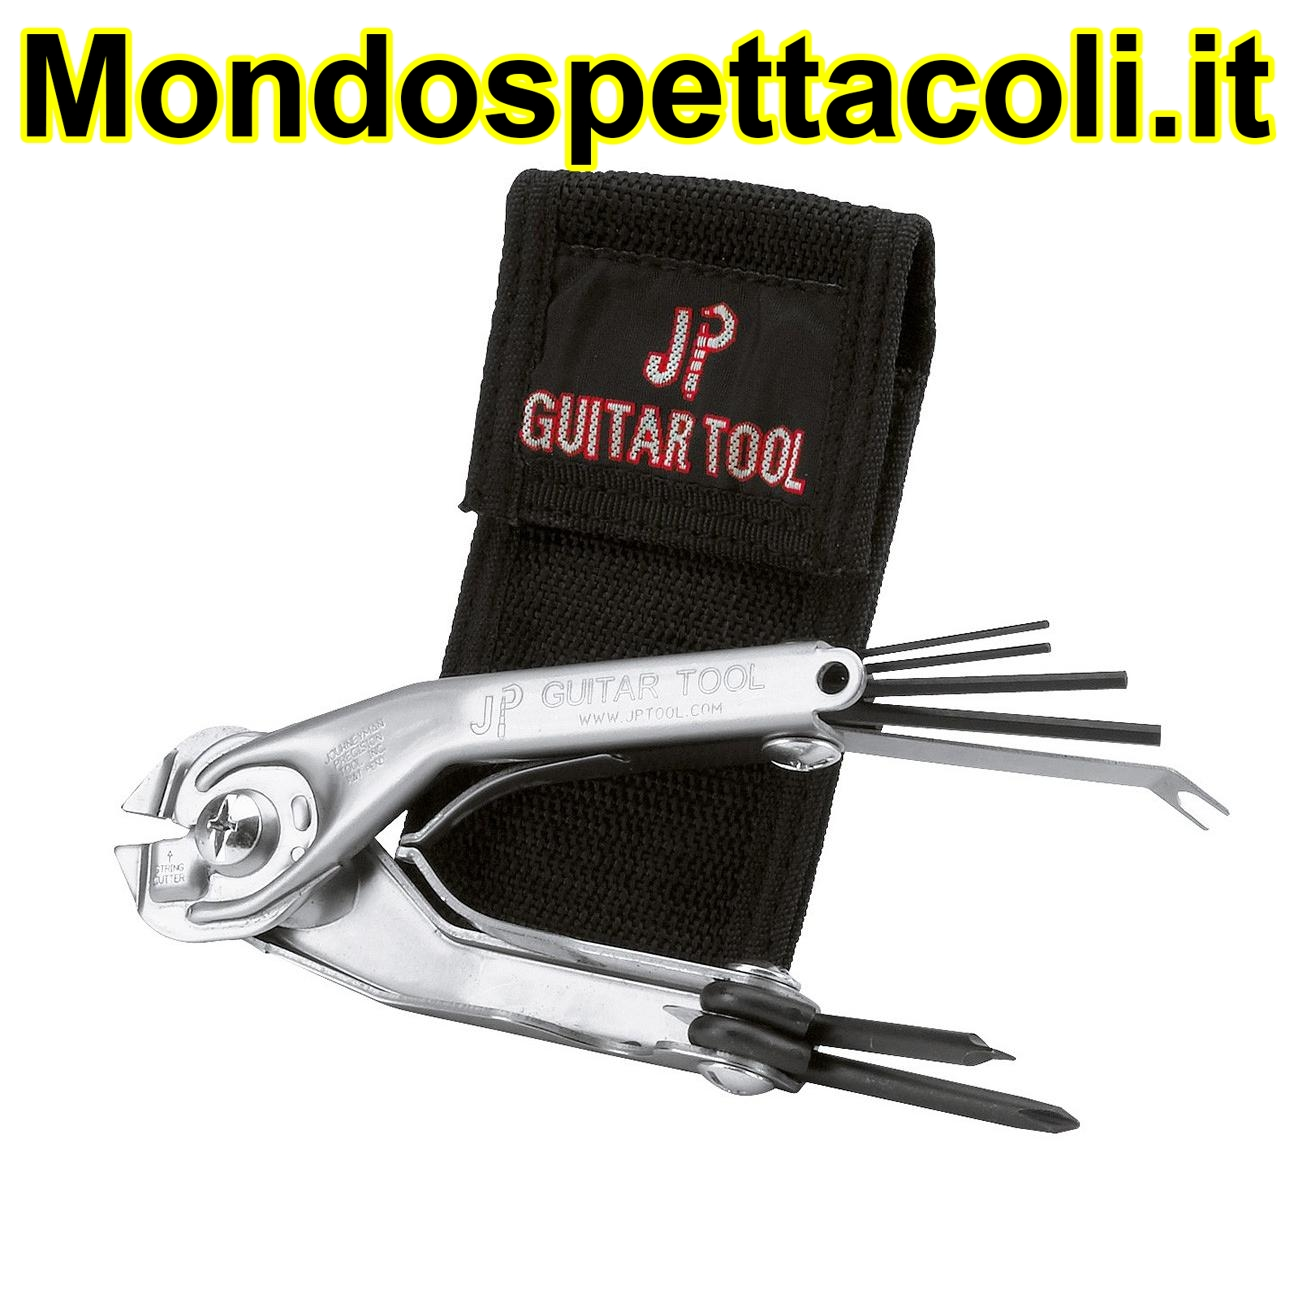 K&M  Guitar tool 83845-000-00